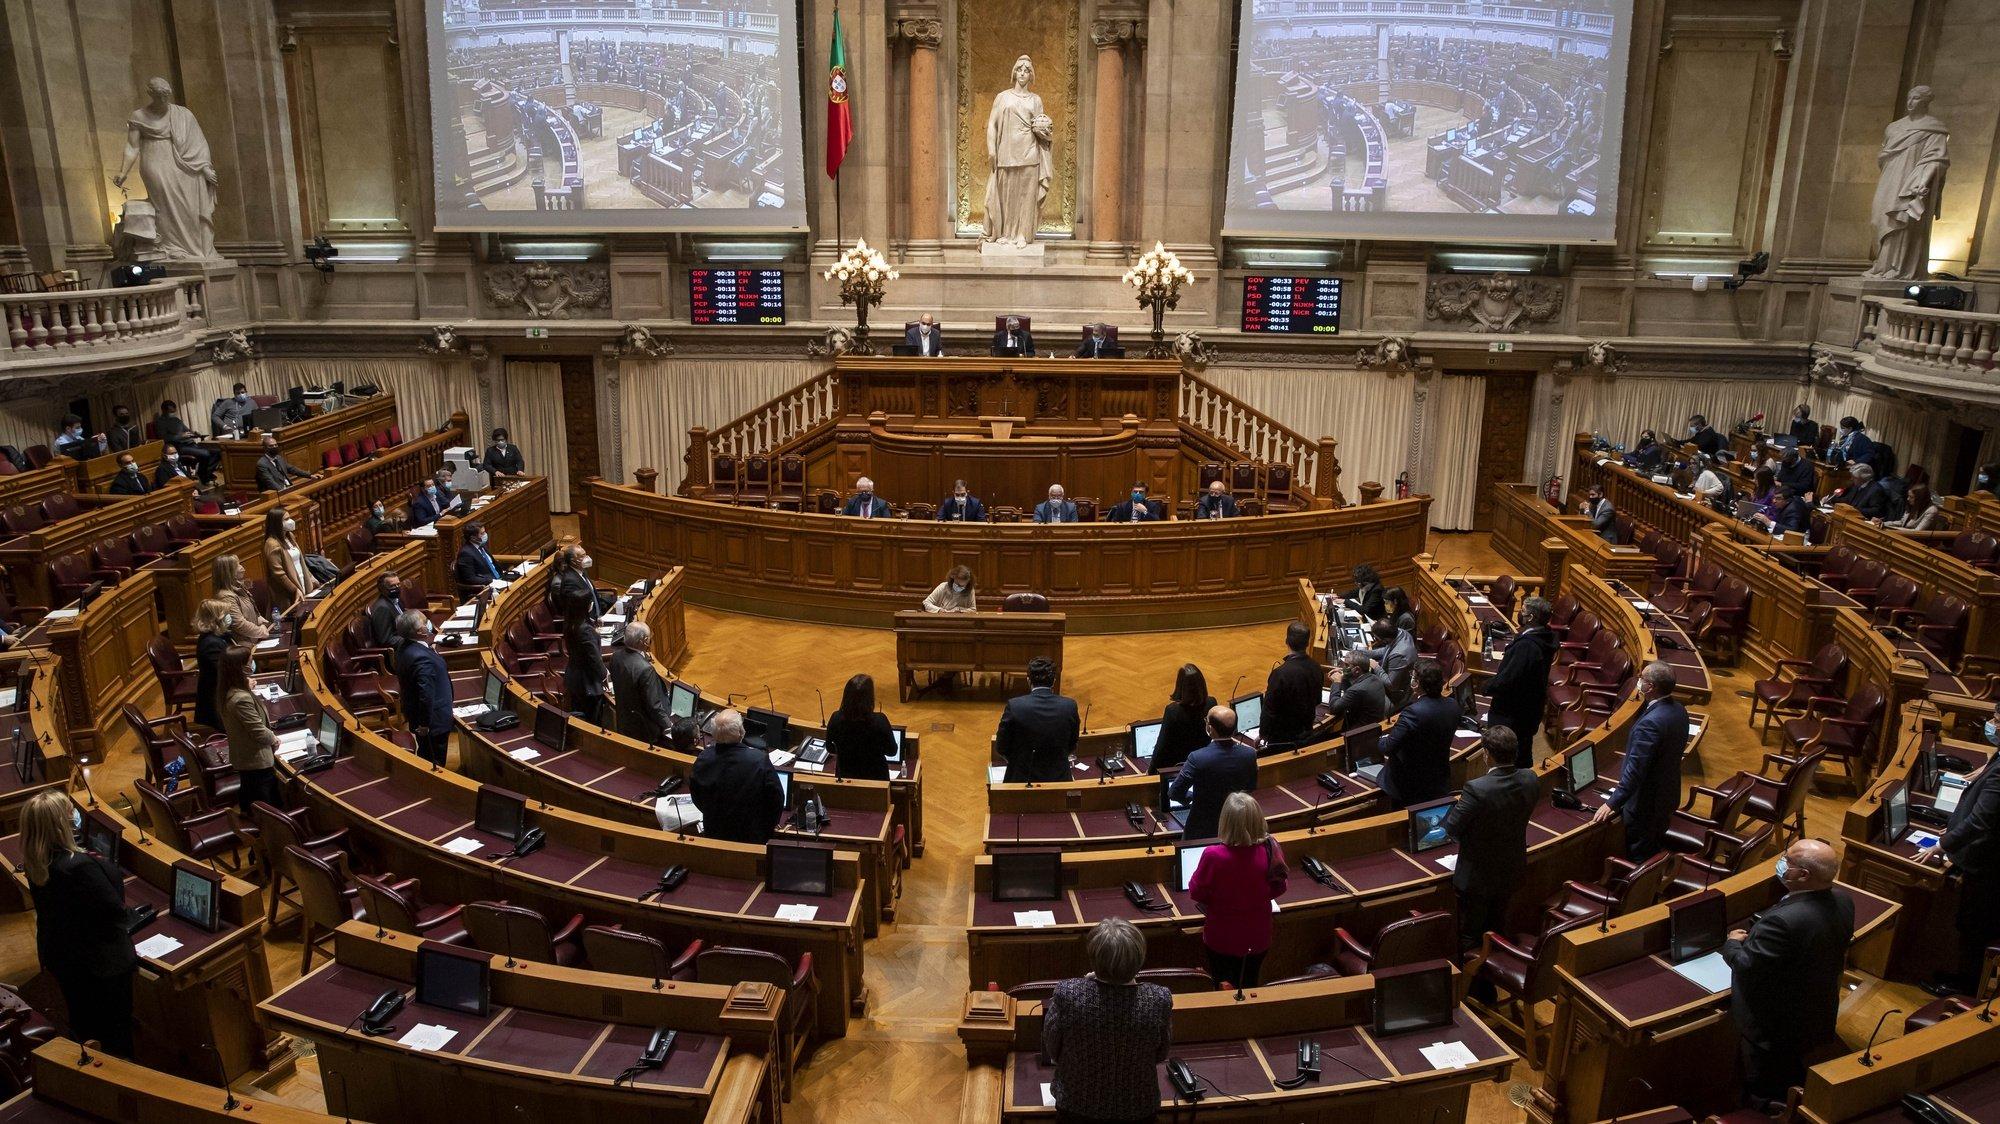 Os deputados da Assembleia da República participam na votação durante o debate sobre o pedido de renovação do estado de emergência, na Assembleia da República, em Lisboa, 04 de dezembro de 2020. JOSÉ SENA GOULÃO/LUSA